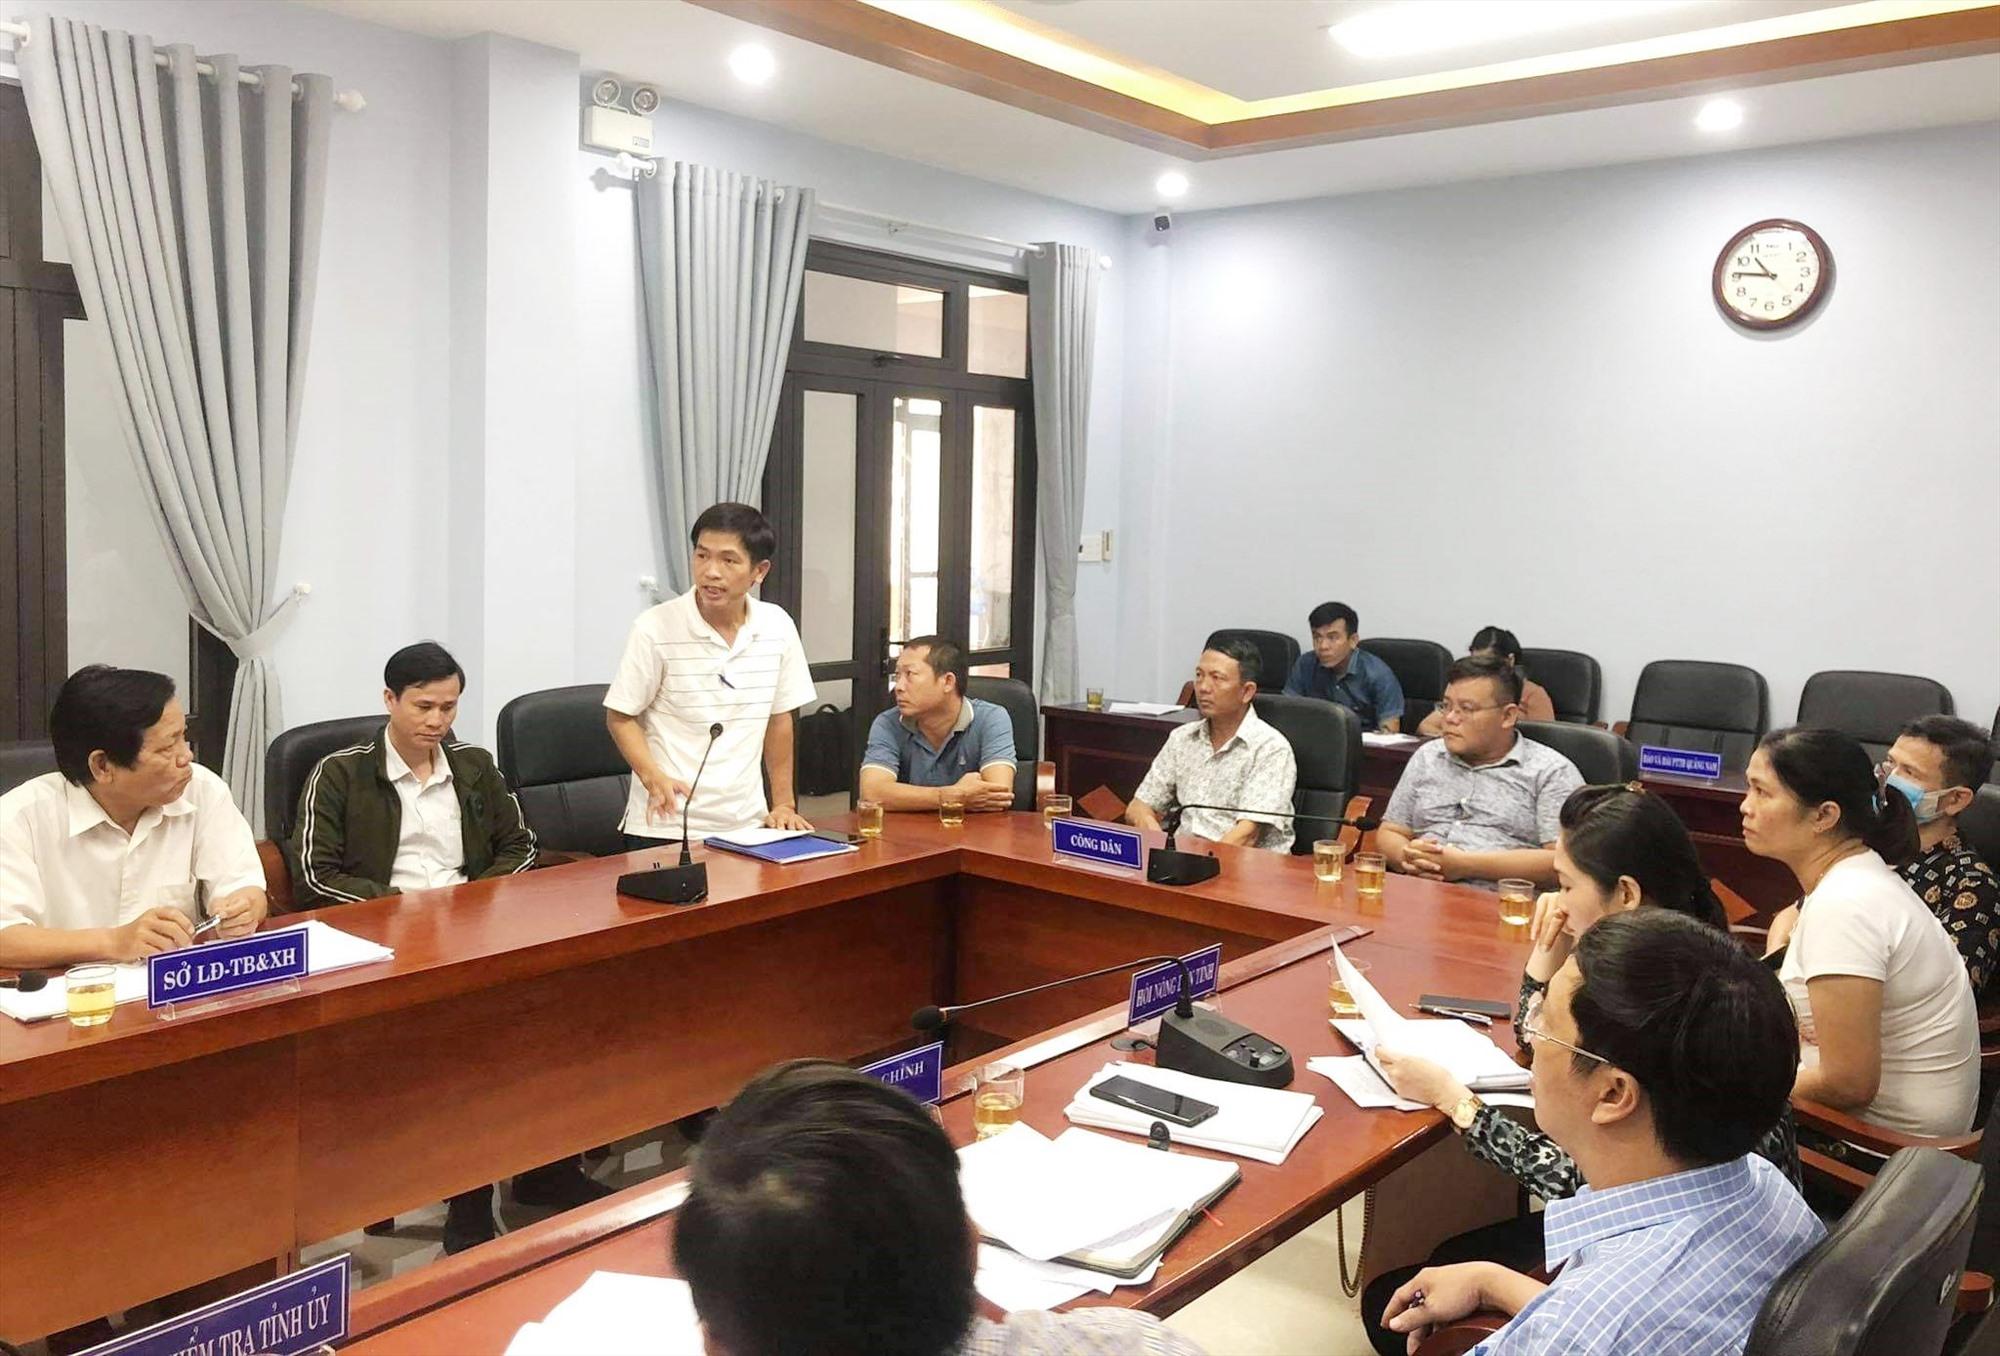 """Đại diện 9 hộ dân mua đất dự án An Cư 1 trình bày nội dung đơn """"kêu cứu"""" đến lãnh đạo UBND tỉnh. Ảnh: N.Đ"""